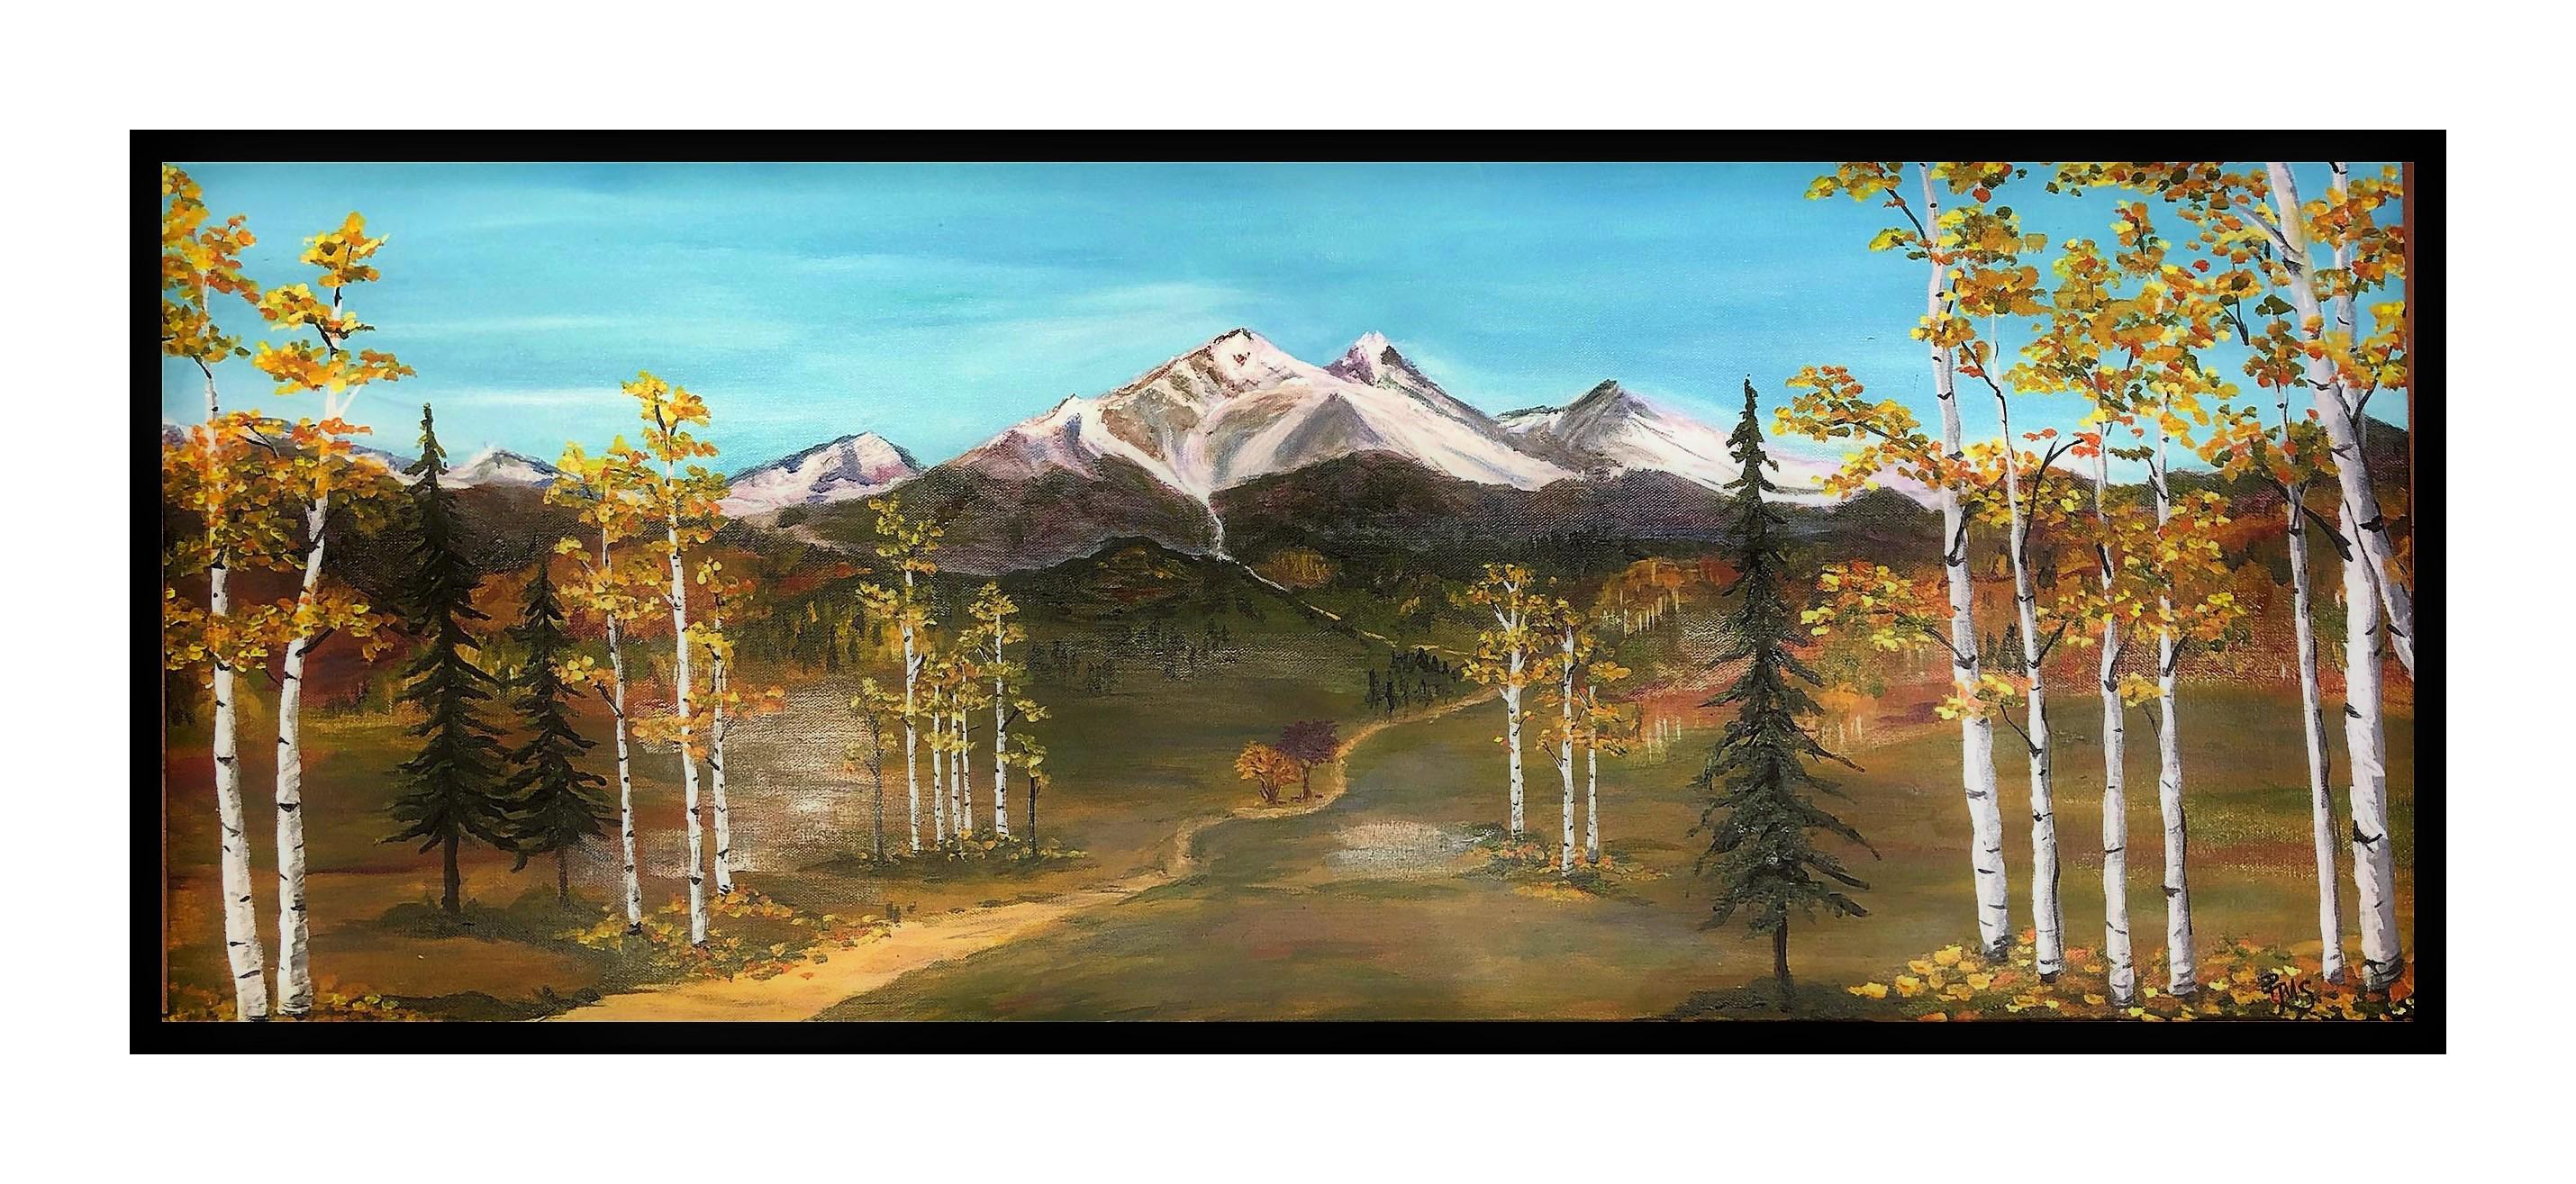 SUE'S MOUNTAINS